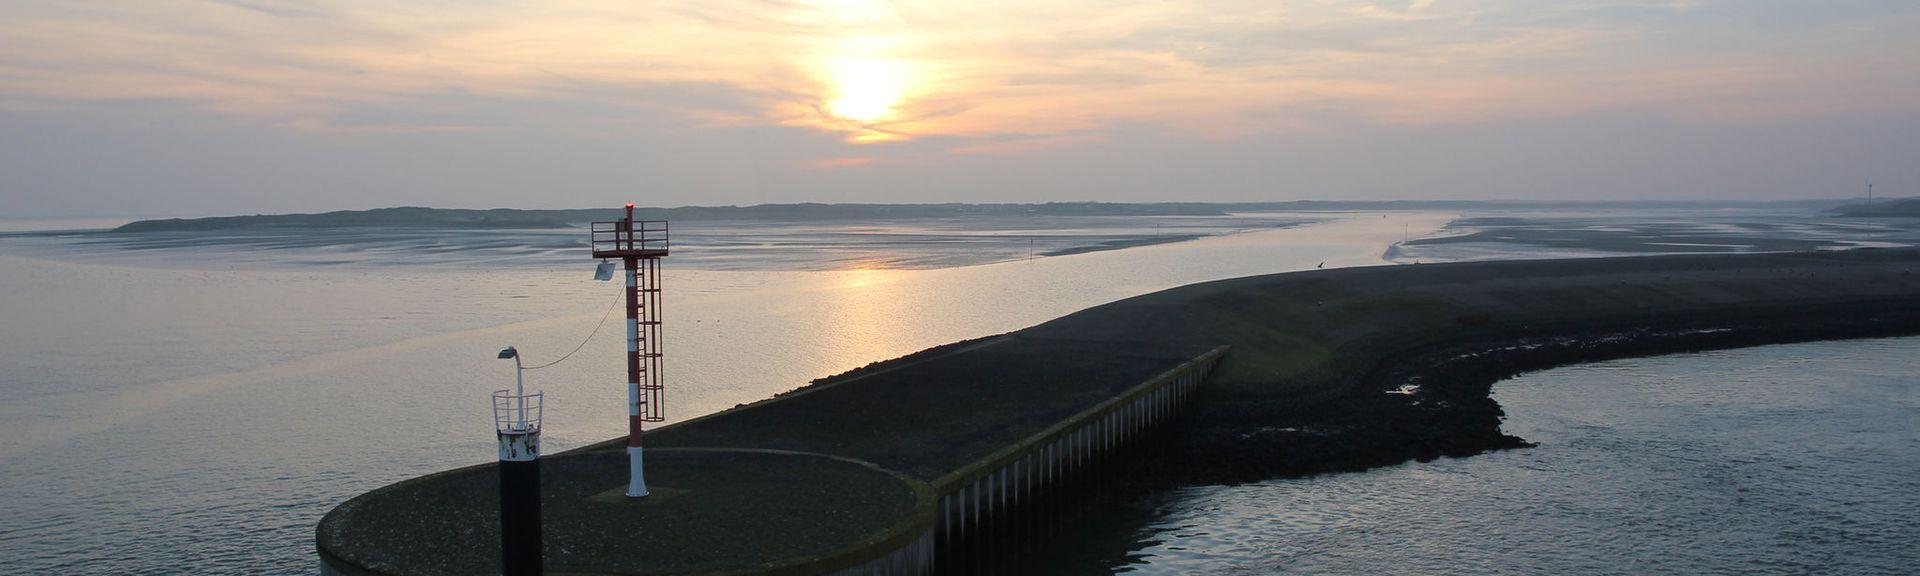 De Koog strand, De Koog, Noord-Holland, Nederland